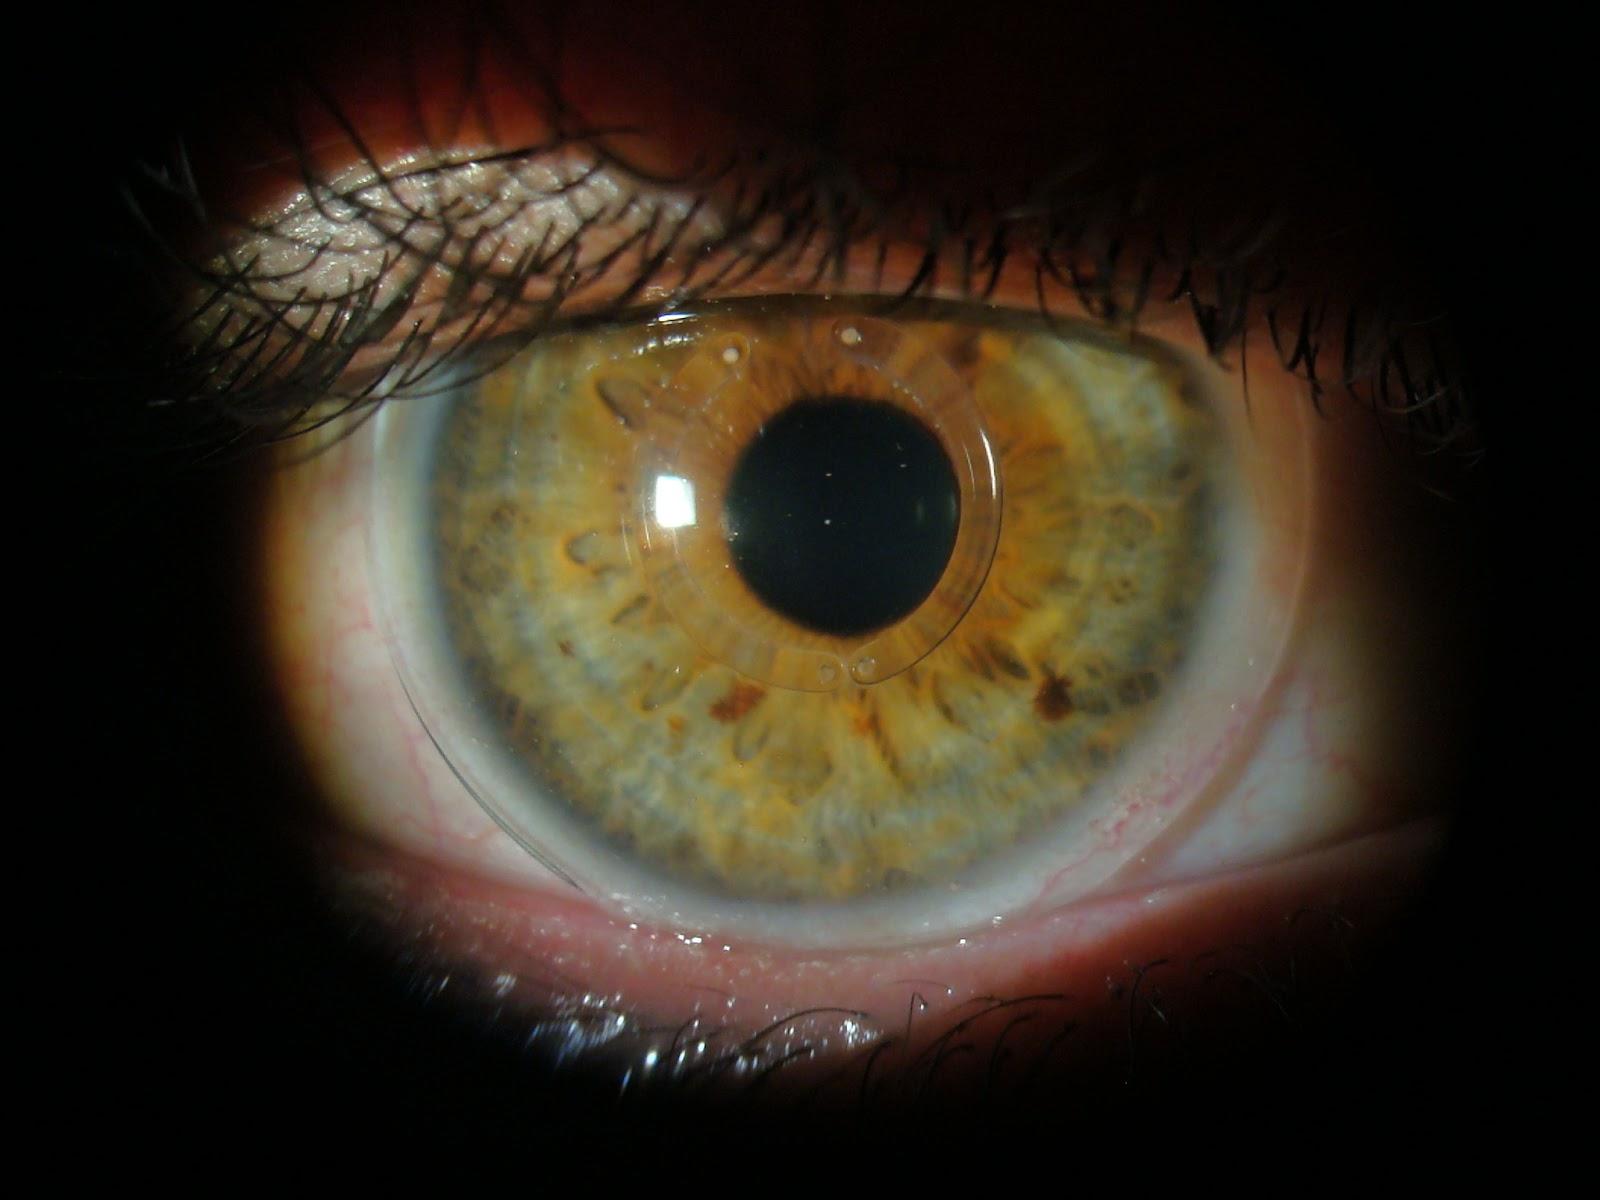 05e05b2845d6d É possível observar nas imagens acima a lente RGP Semi-Escleral Ultracone  SSB perfeitamente adaptada em um caso de ceratocone com implante de lente  ...